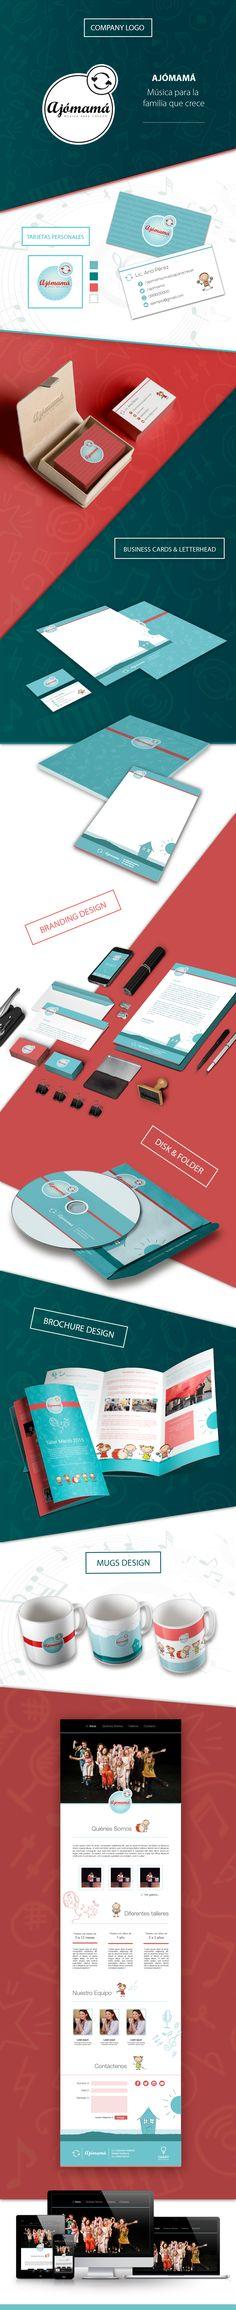 Branding Design on Behance